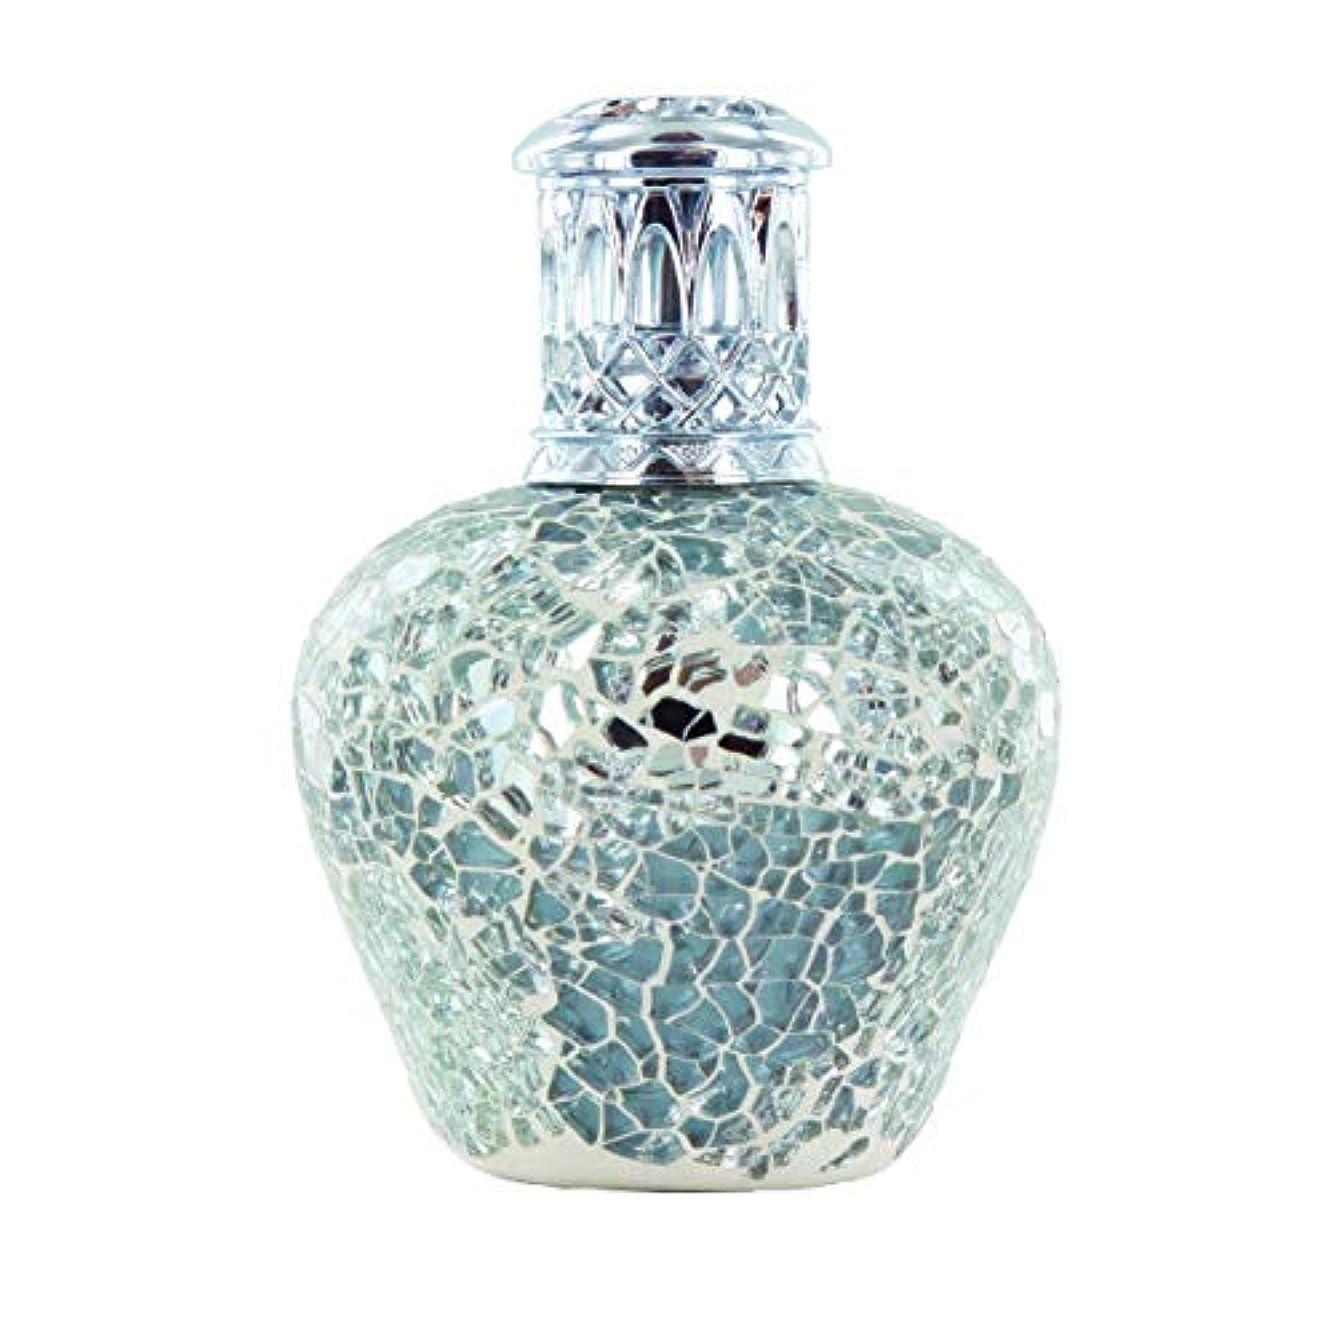 論理的に安いです感謝祭Ashleigh&Burwood フレグランスランプ S ルミノシティ FragranceLamps sizeS Luminosity アシュレイ&バーウッド